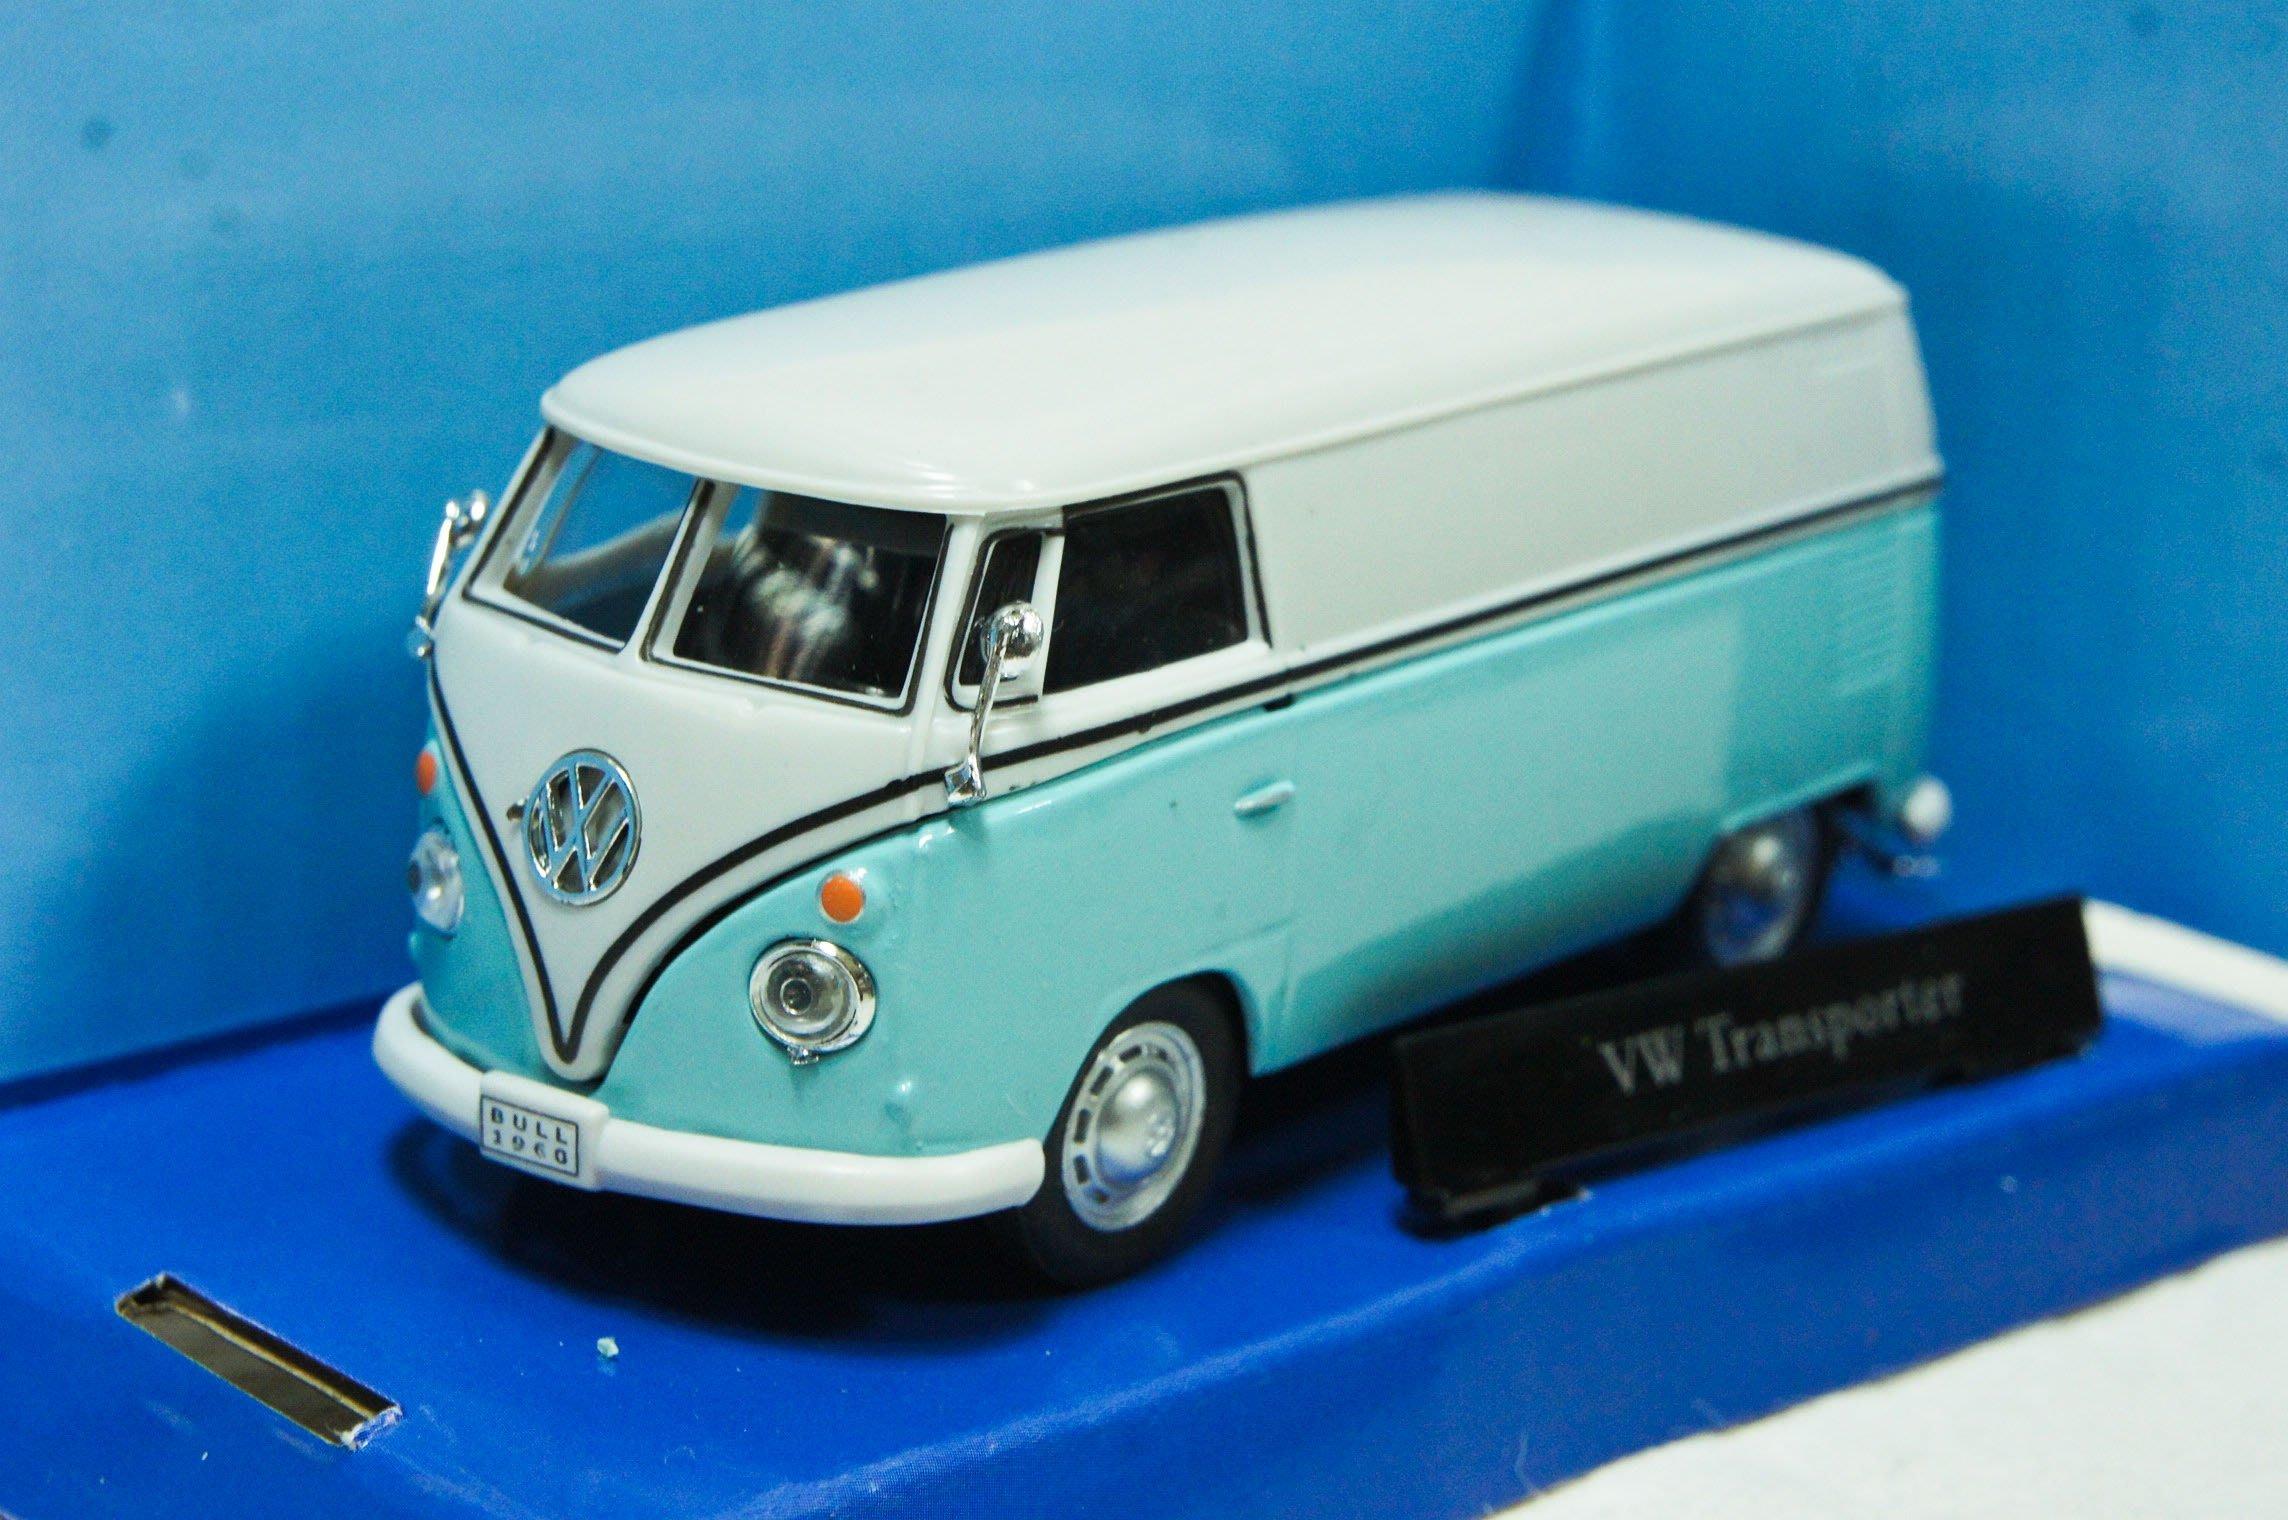 【現貨特價】 1:43 Cararama VW T1 Transporter 藍色貨車